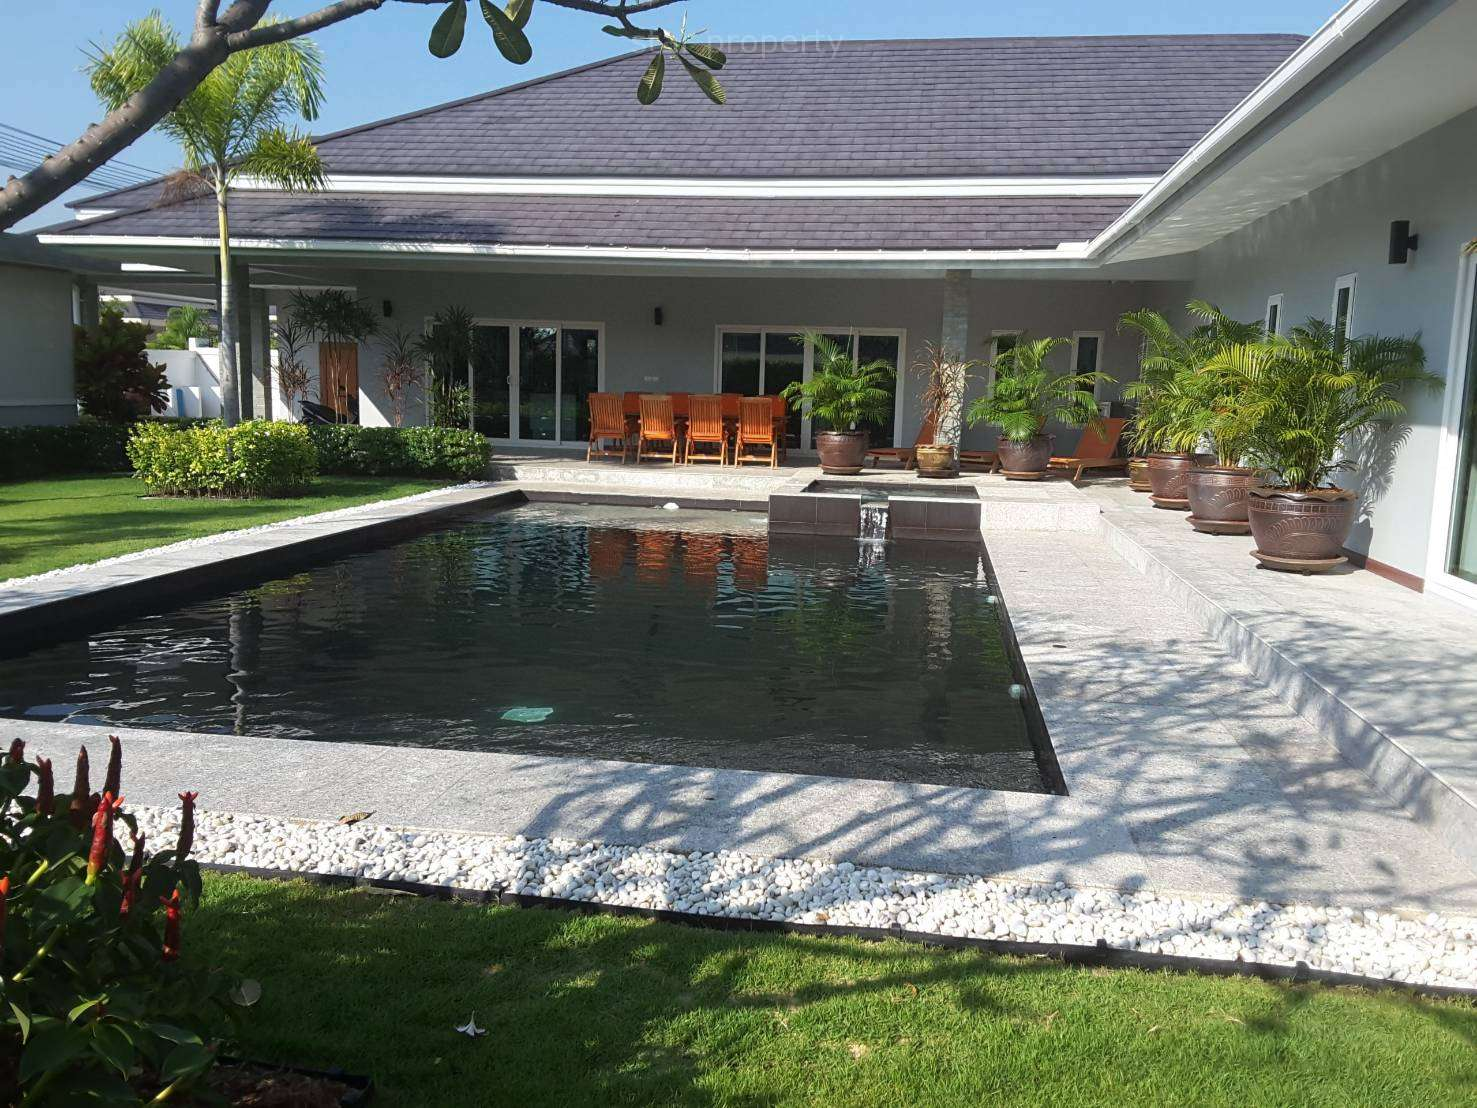 Palm Pool Villas Villa for sale at Hua Hin District, Prachuap Khiri Khan, Thailand